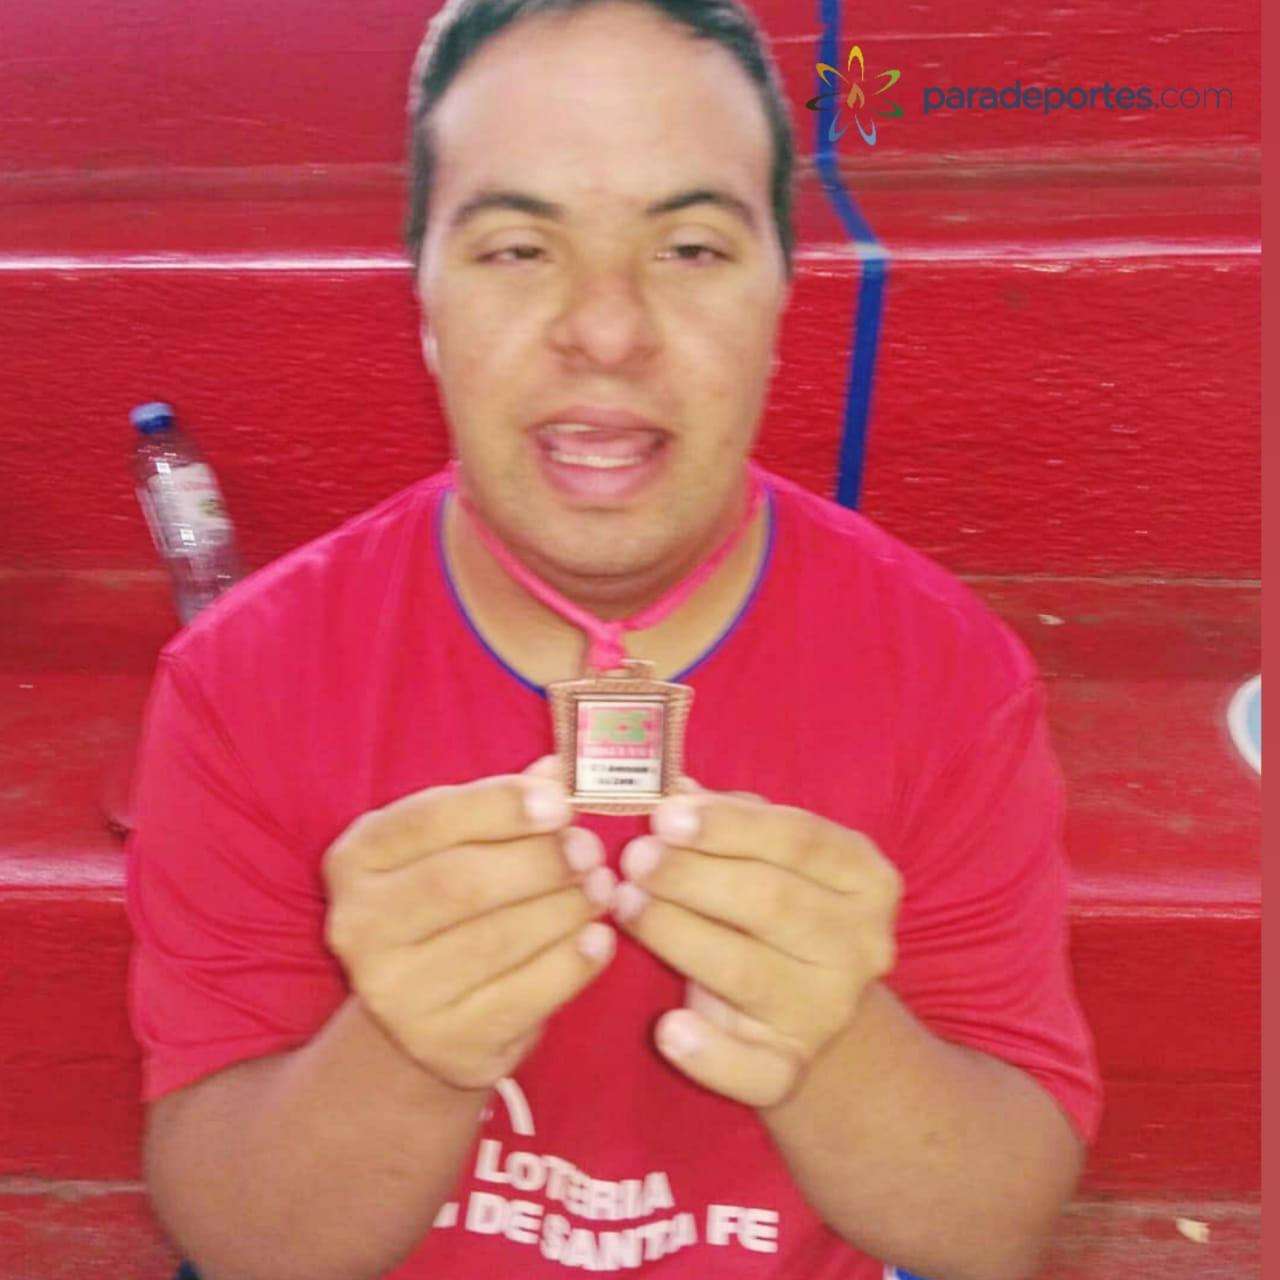 Tenis de mesa para personas con síndrome de Down: Juan Pablo Castet, tercero Zárate